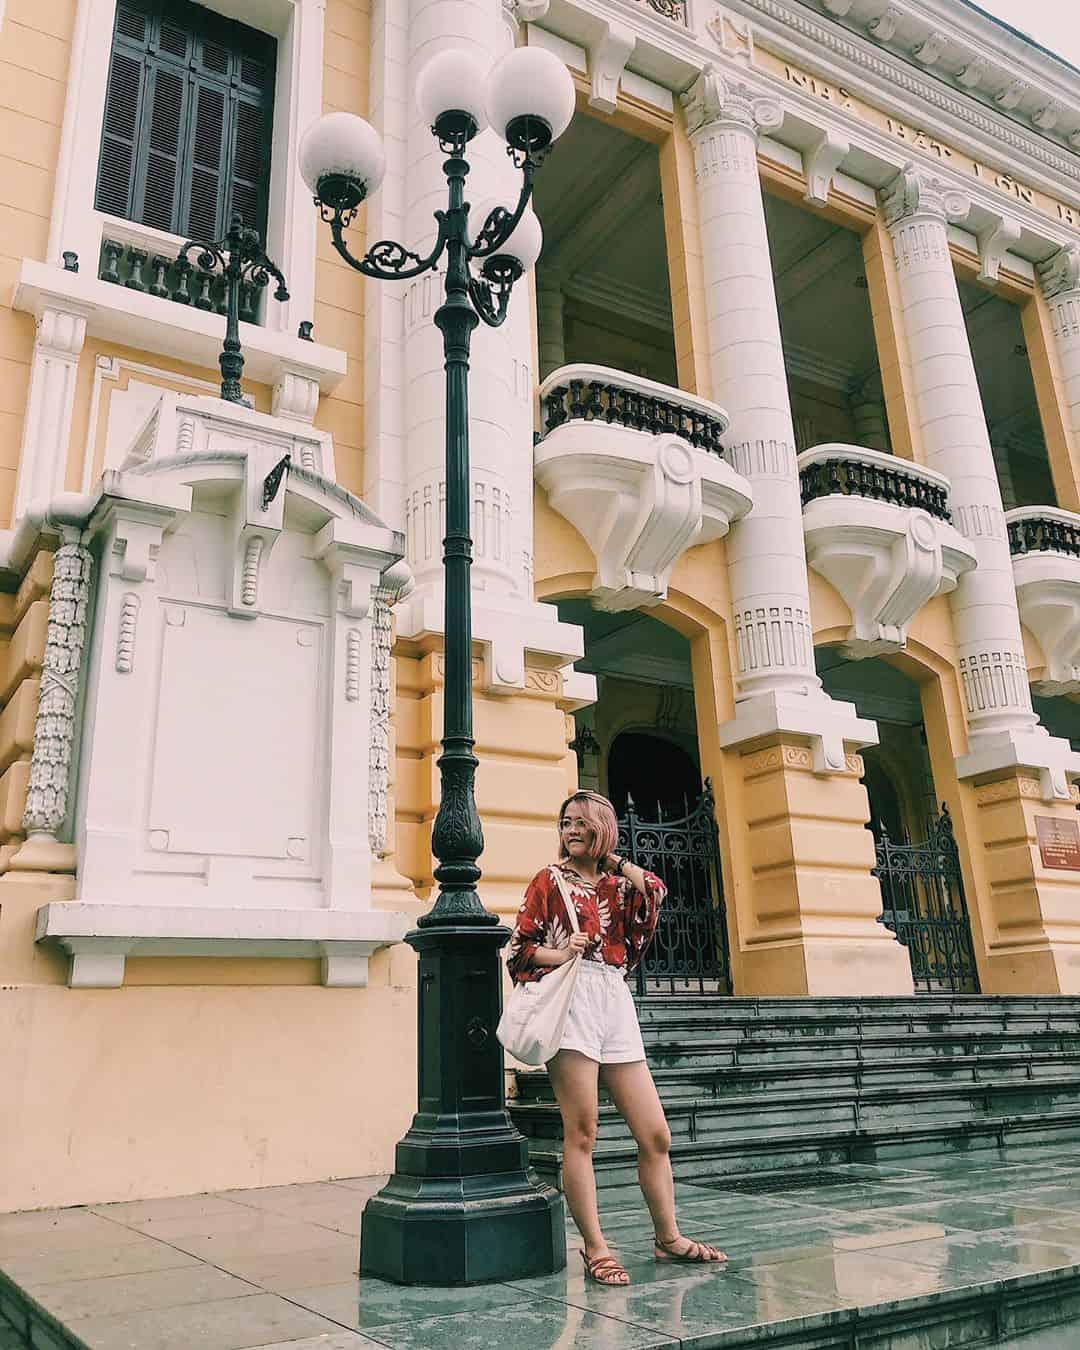 Nhà hát Hà Nội mang nét đẹp cổ kính nơi thủ đô. Ảnh: @___by__theheroine___